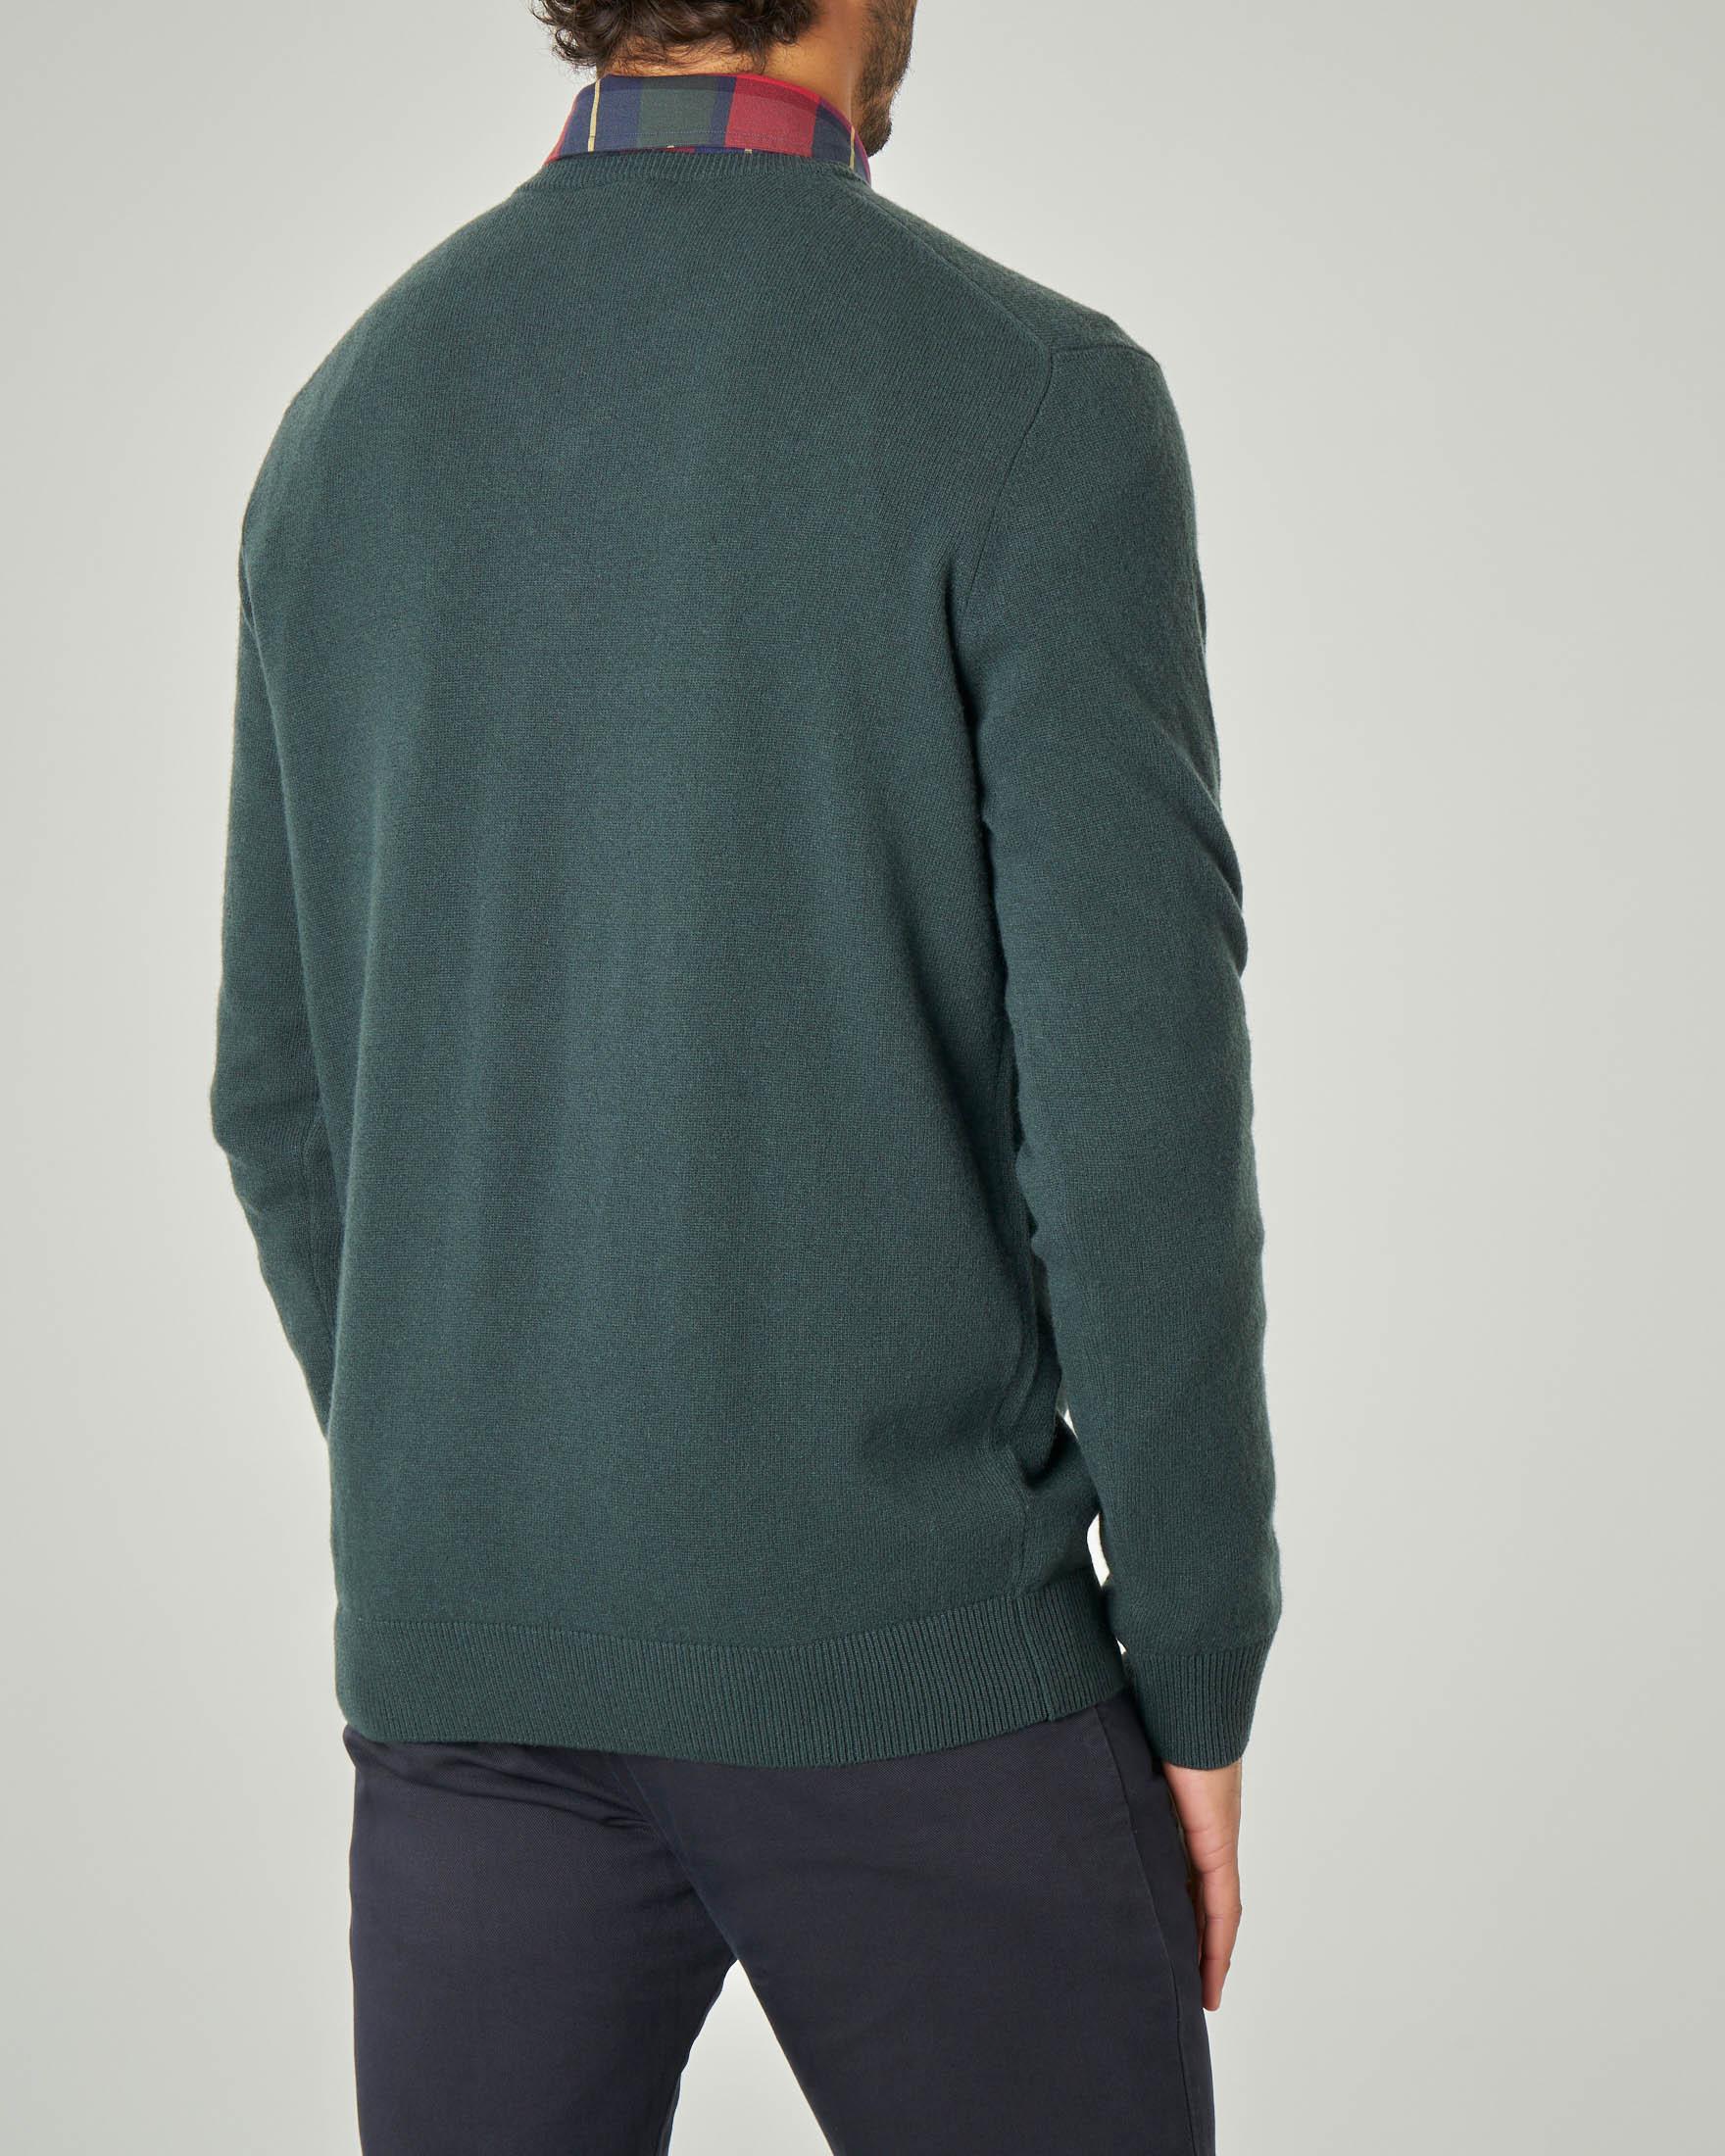 Maglia verde scollo a V in pura lana